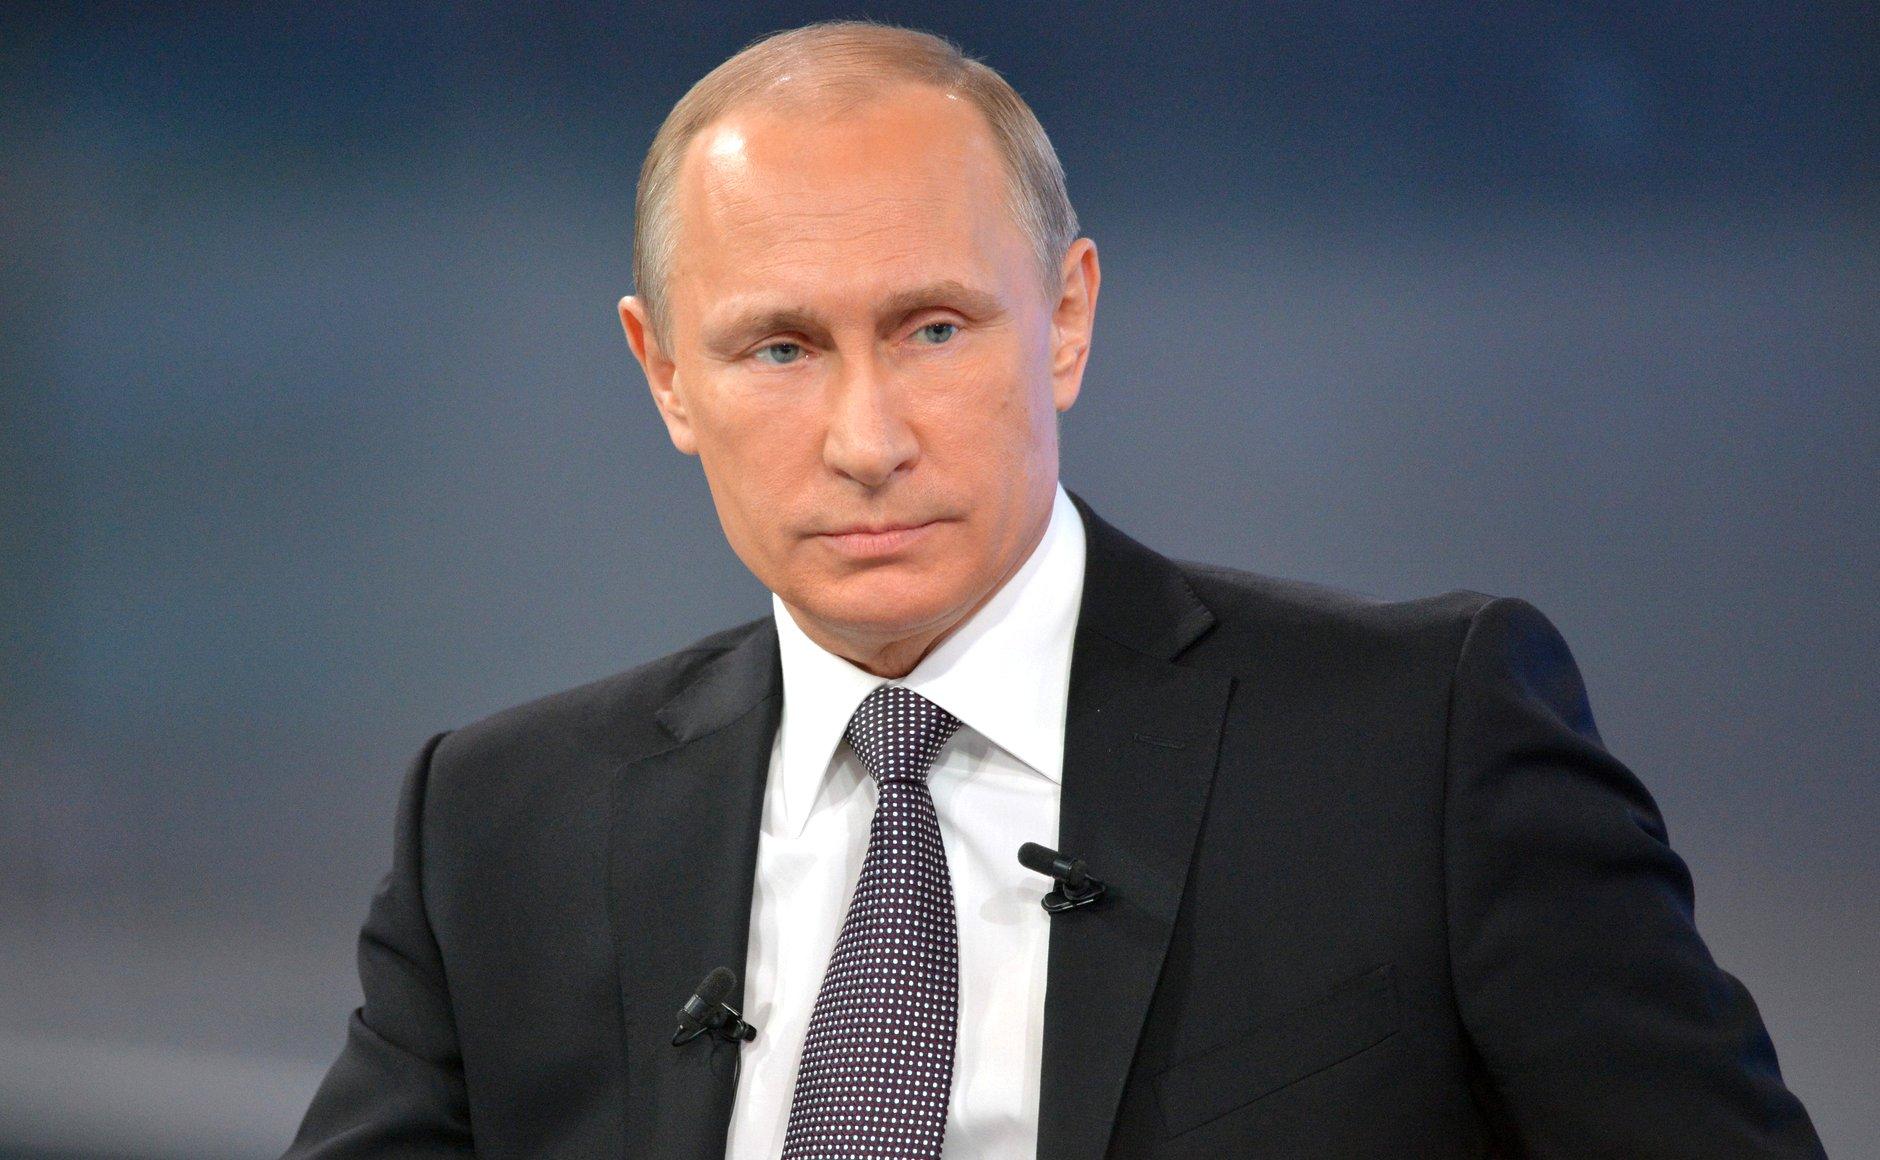 Трагедия! Россию обвинили в убийстве детей